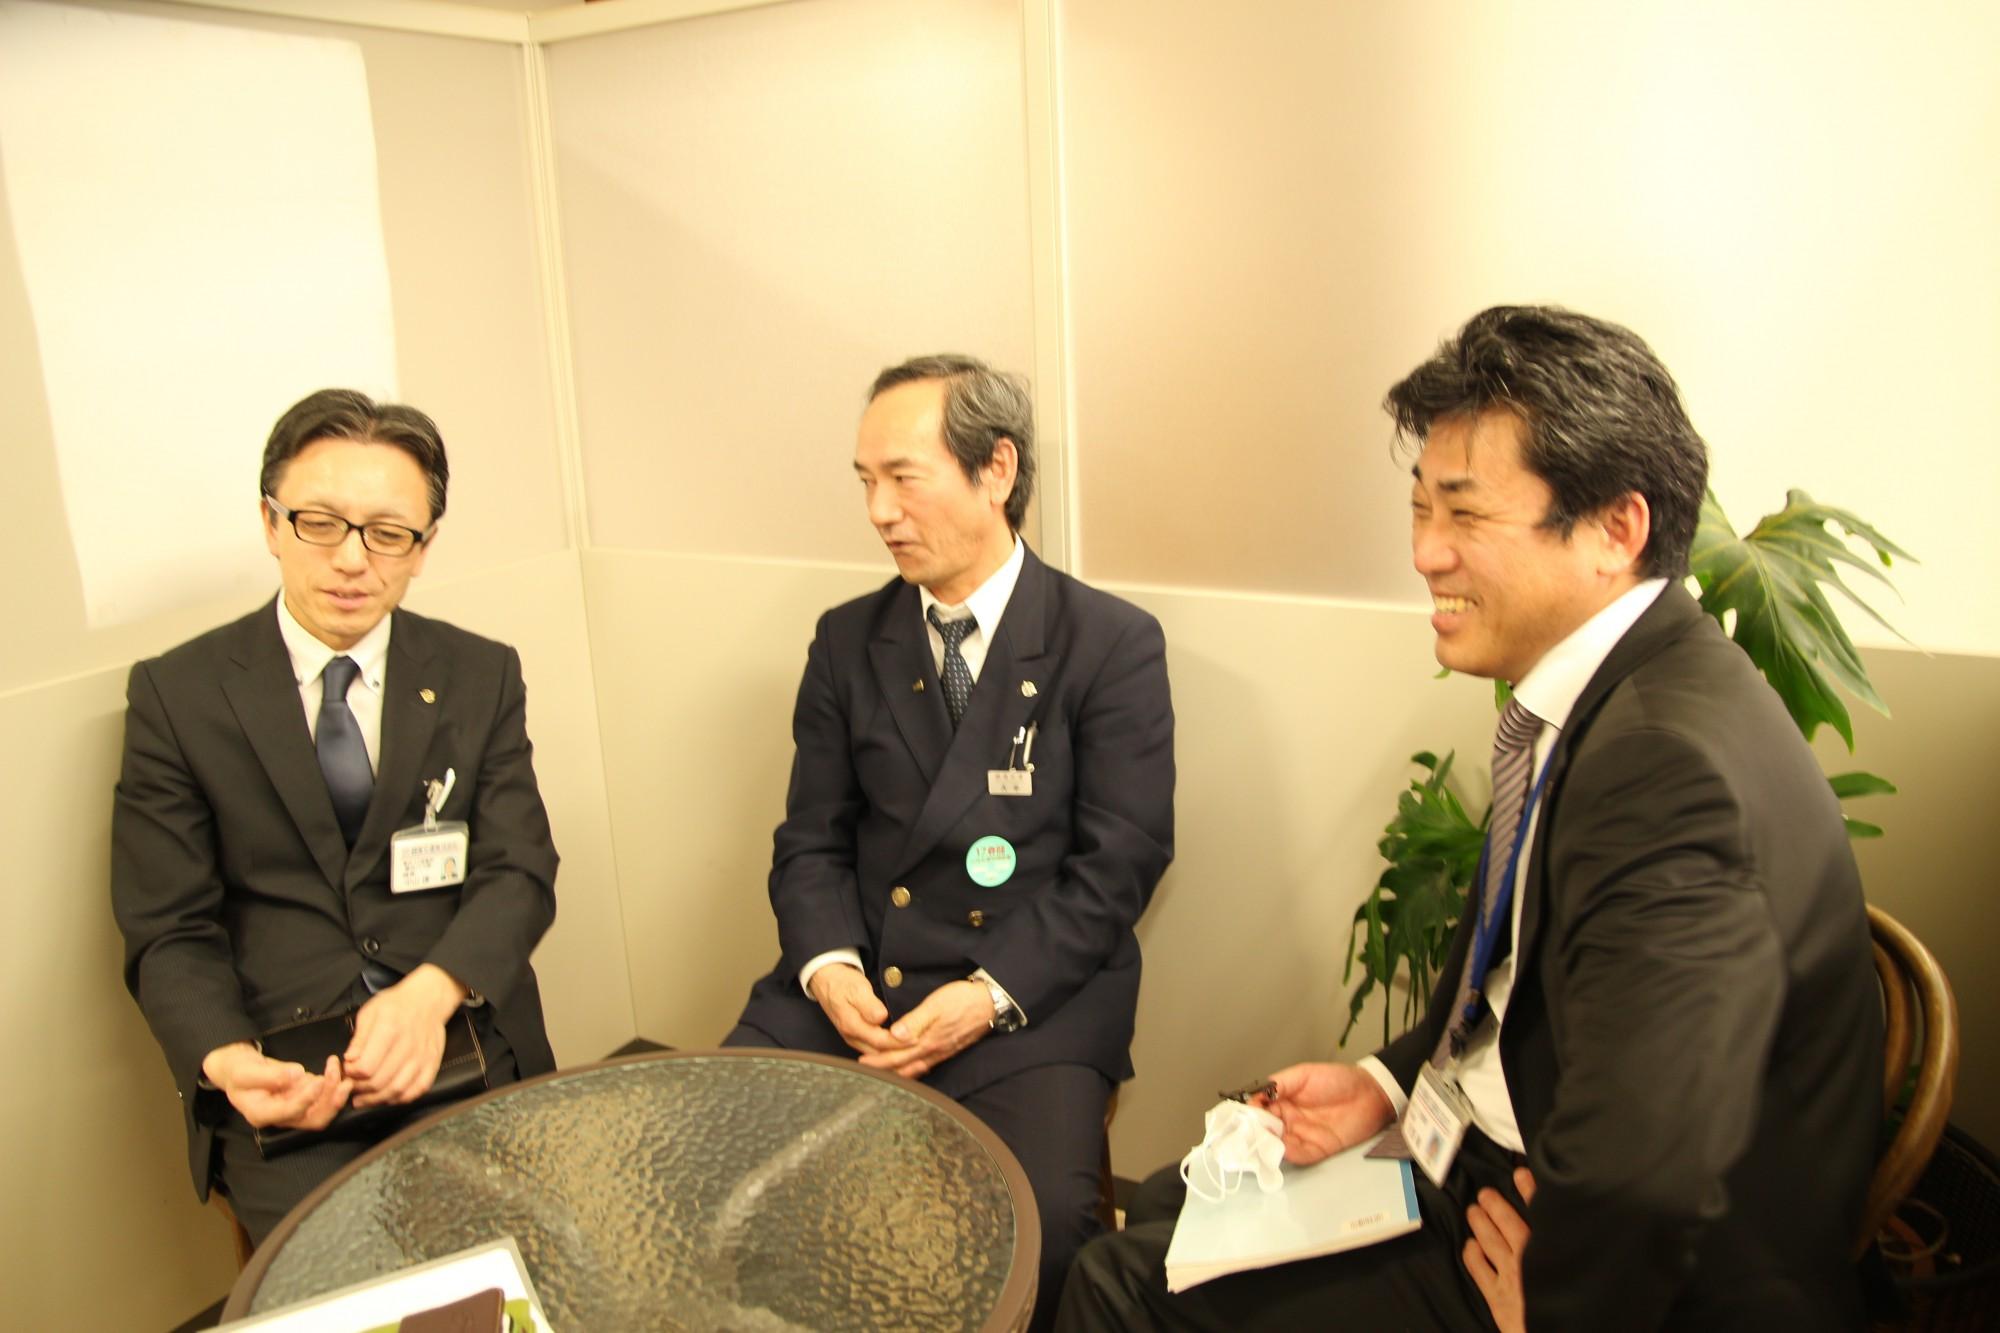 出迎えてくれた3人。左から越後交通乗合バス課の中山さん、運転手の大平さん、営業部の天野さん。